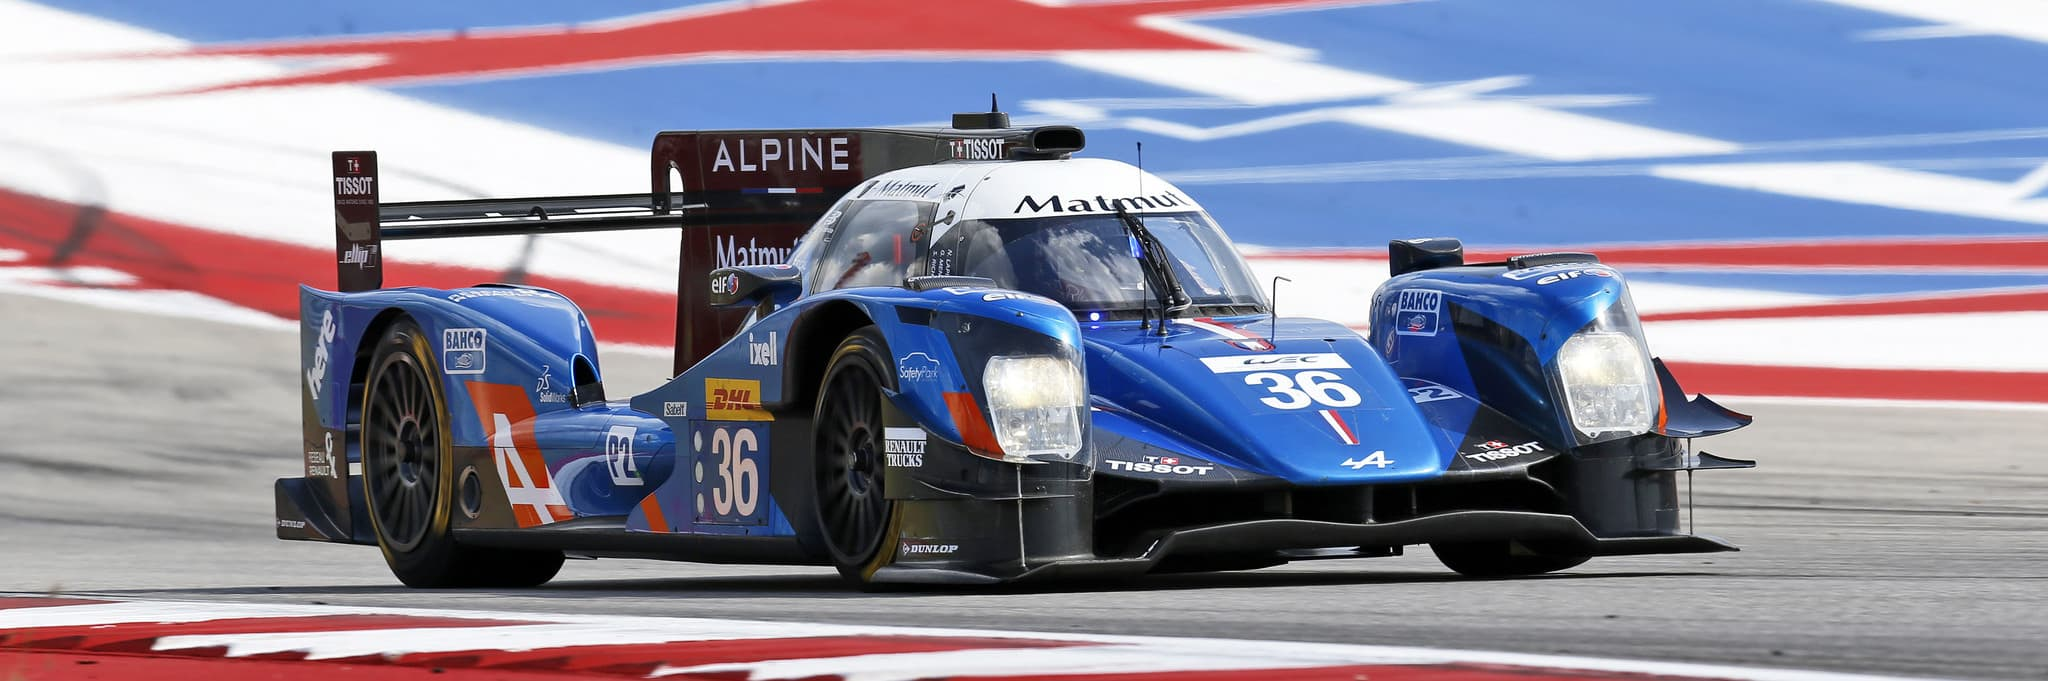 Alpine triomphe au pays de l'Oncle Sam !